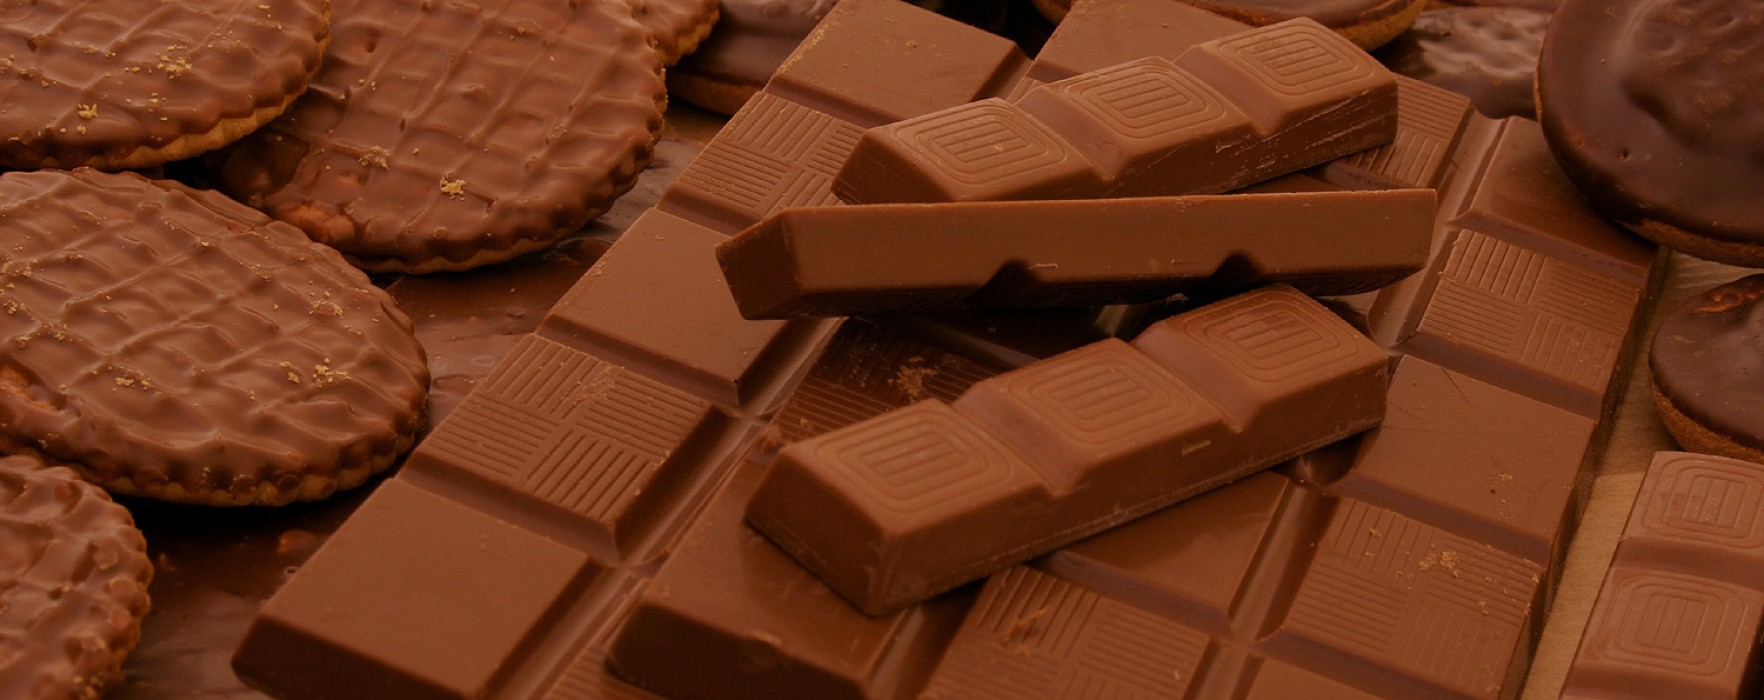 Čokolada i reklame: Inspiraciji nikad kraja